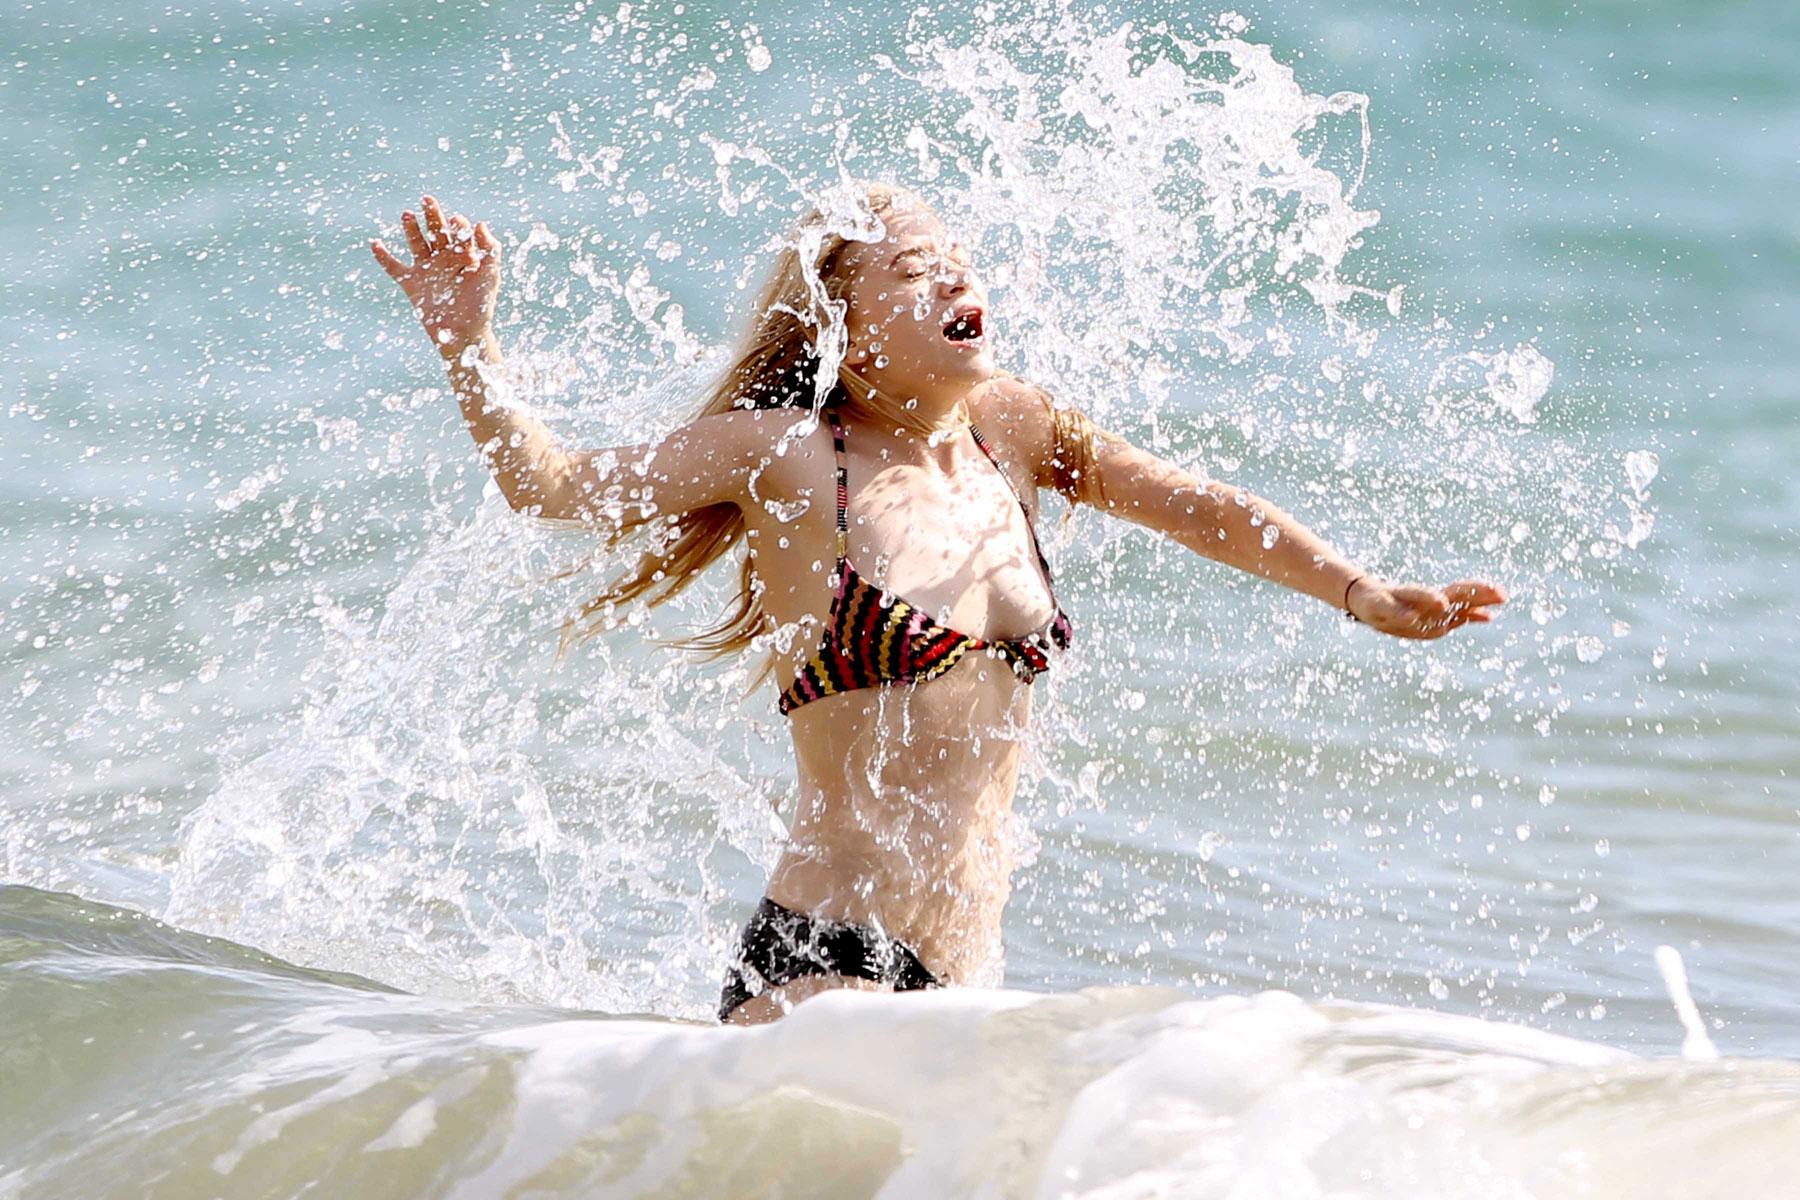 Mary-Kate y Ashley Olsen desnuda - Página 3 fotos